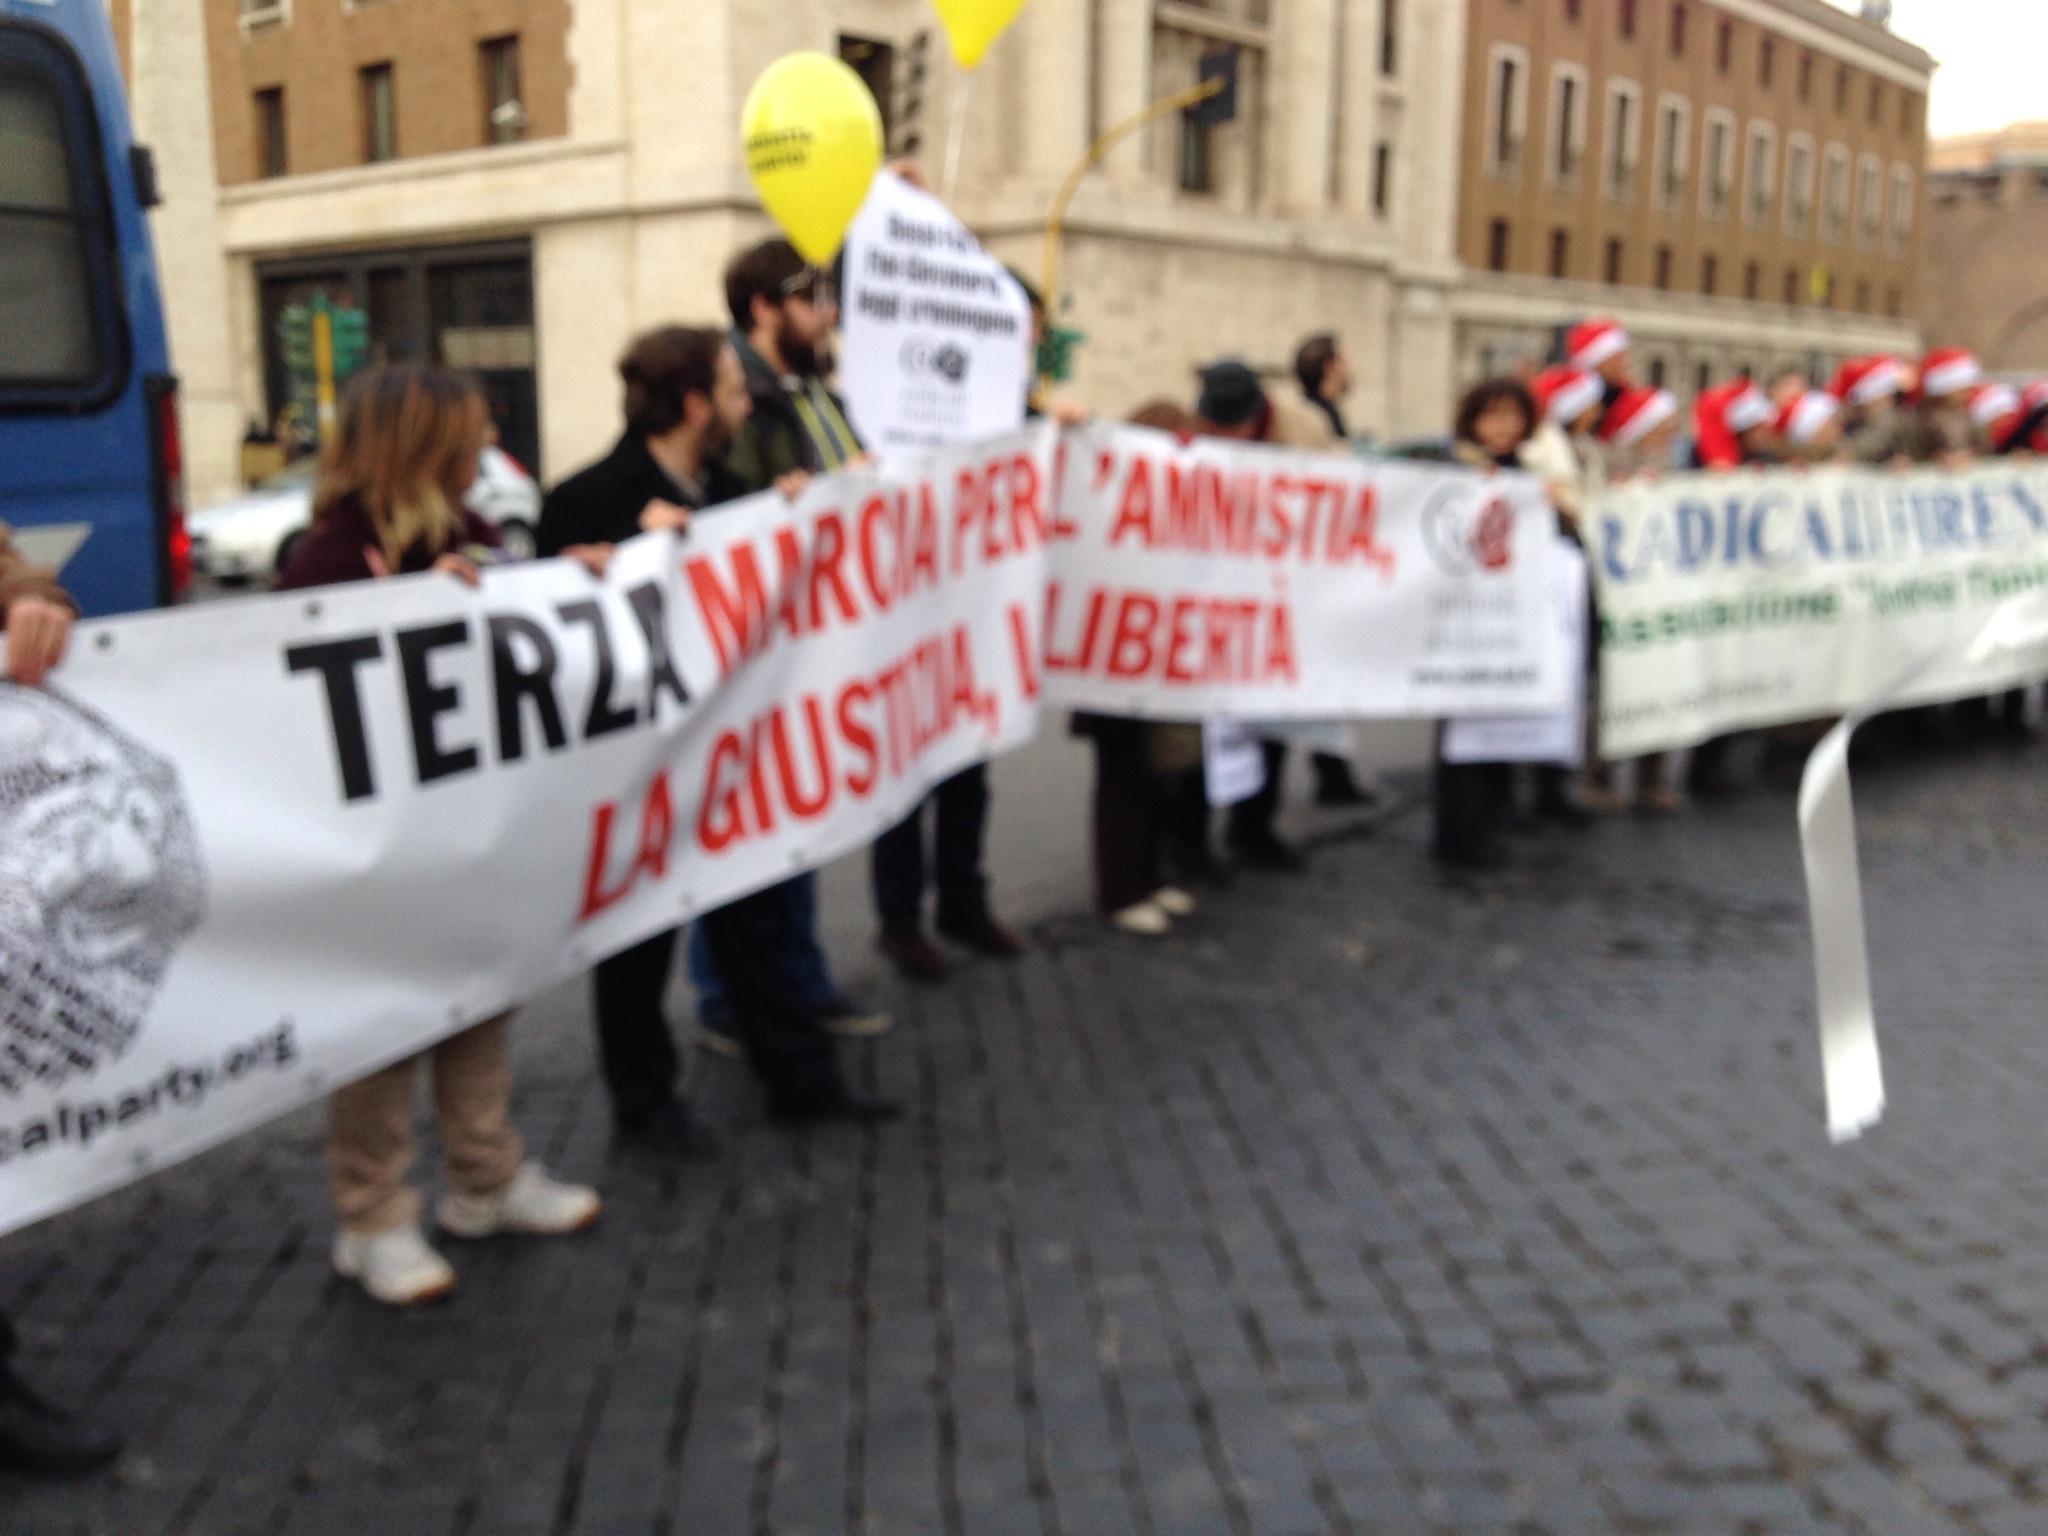 CARCERE e SOCIETA', dibattito a Castrovillari (CS) il 14 settembre